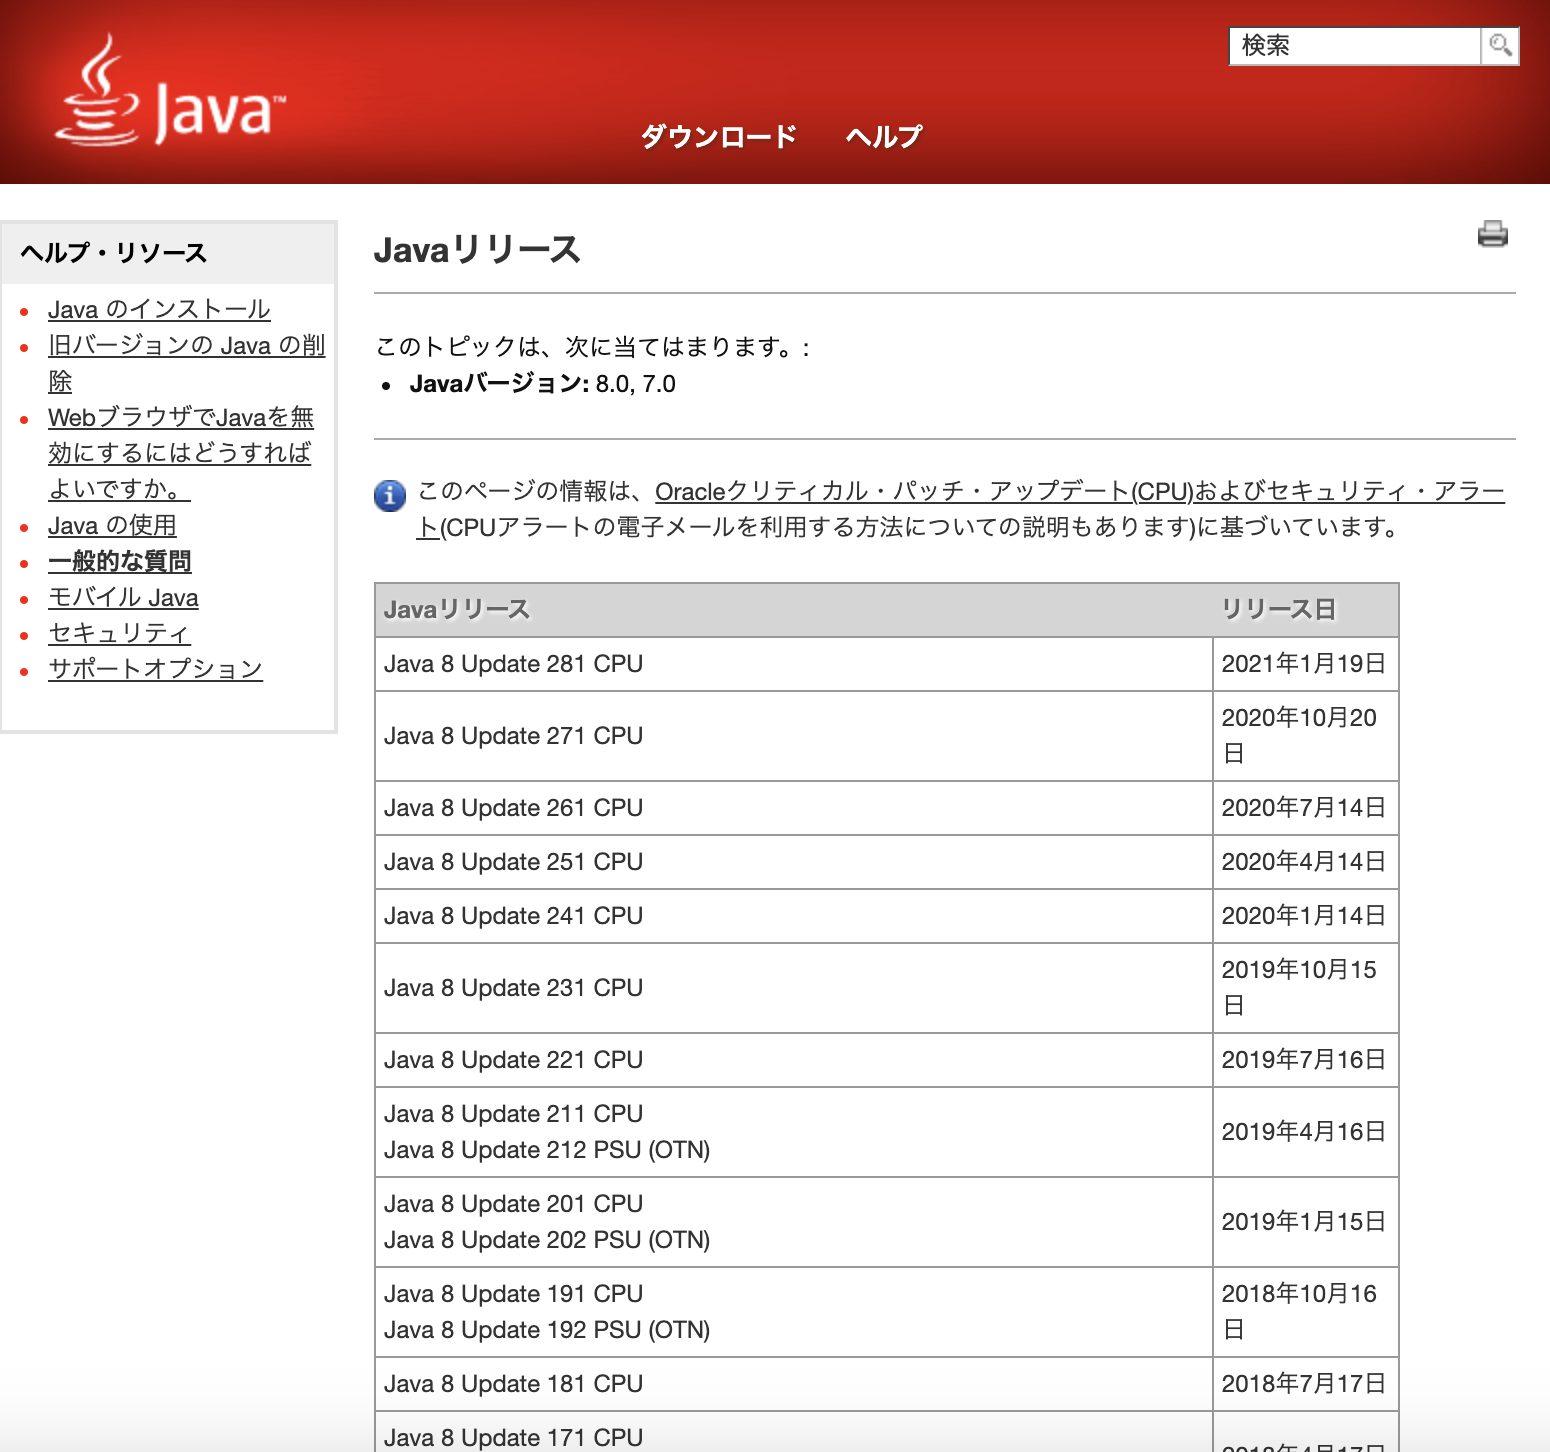 Java8のupdateとは?